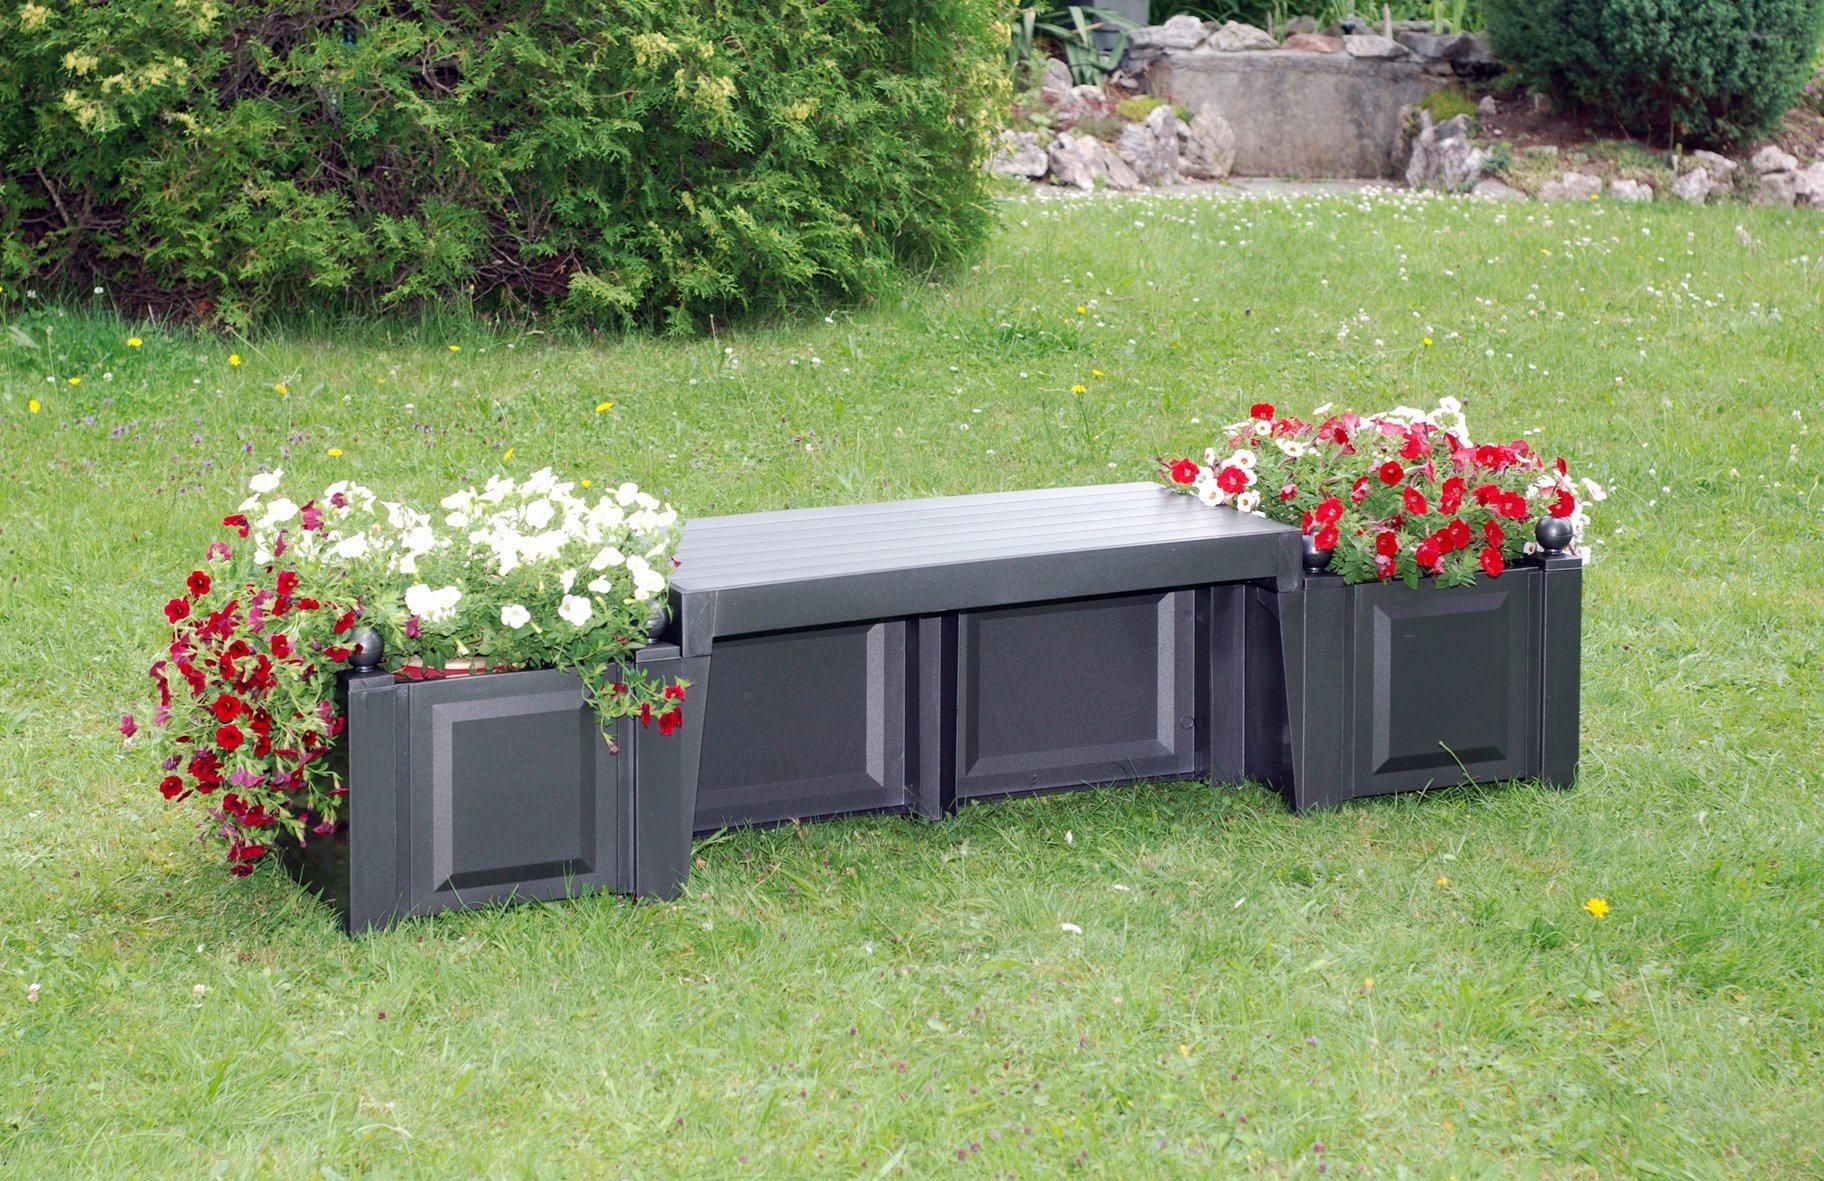 KHW Gartenbank »Berlin«, Kunststoff, 174x49x47 cm, anthrazit | Garten > Gartenmöbel > Gartenbänke | Baumhaus Verlag